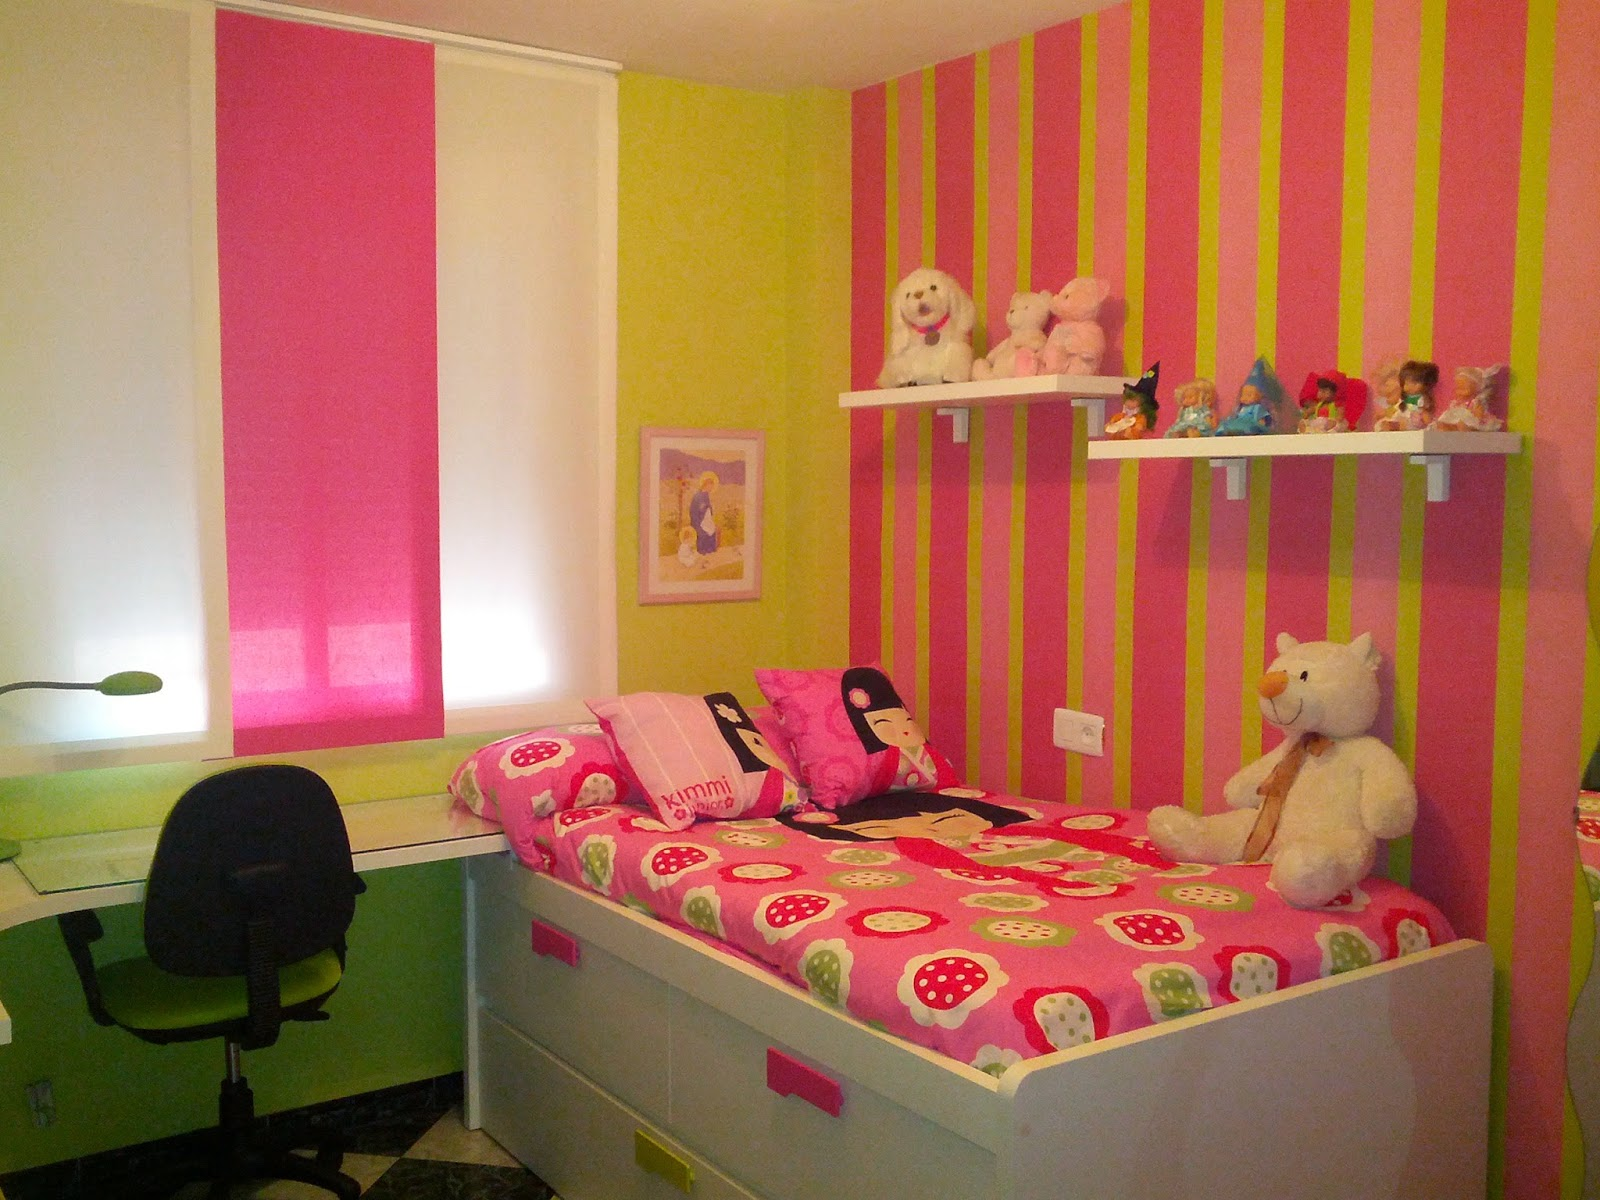 Pintores en granada p decor pintores en granada dormitorios juveniles - Dormitorios juveniles en granada ...